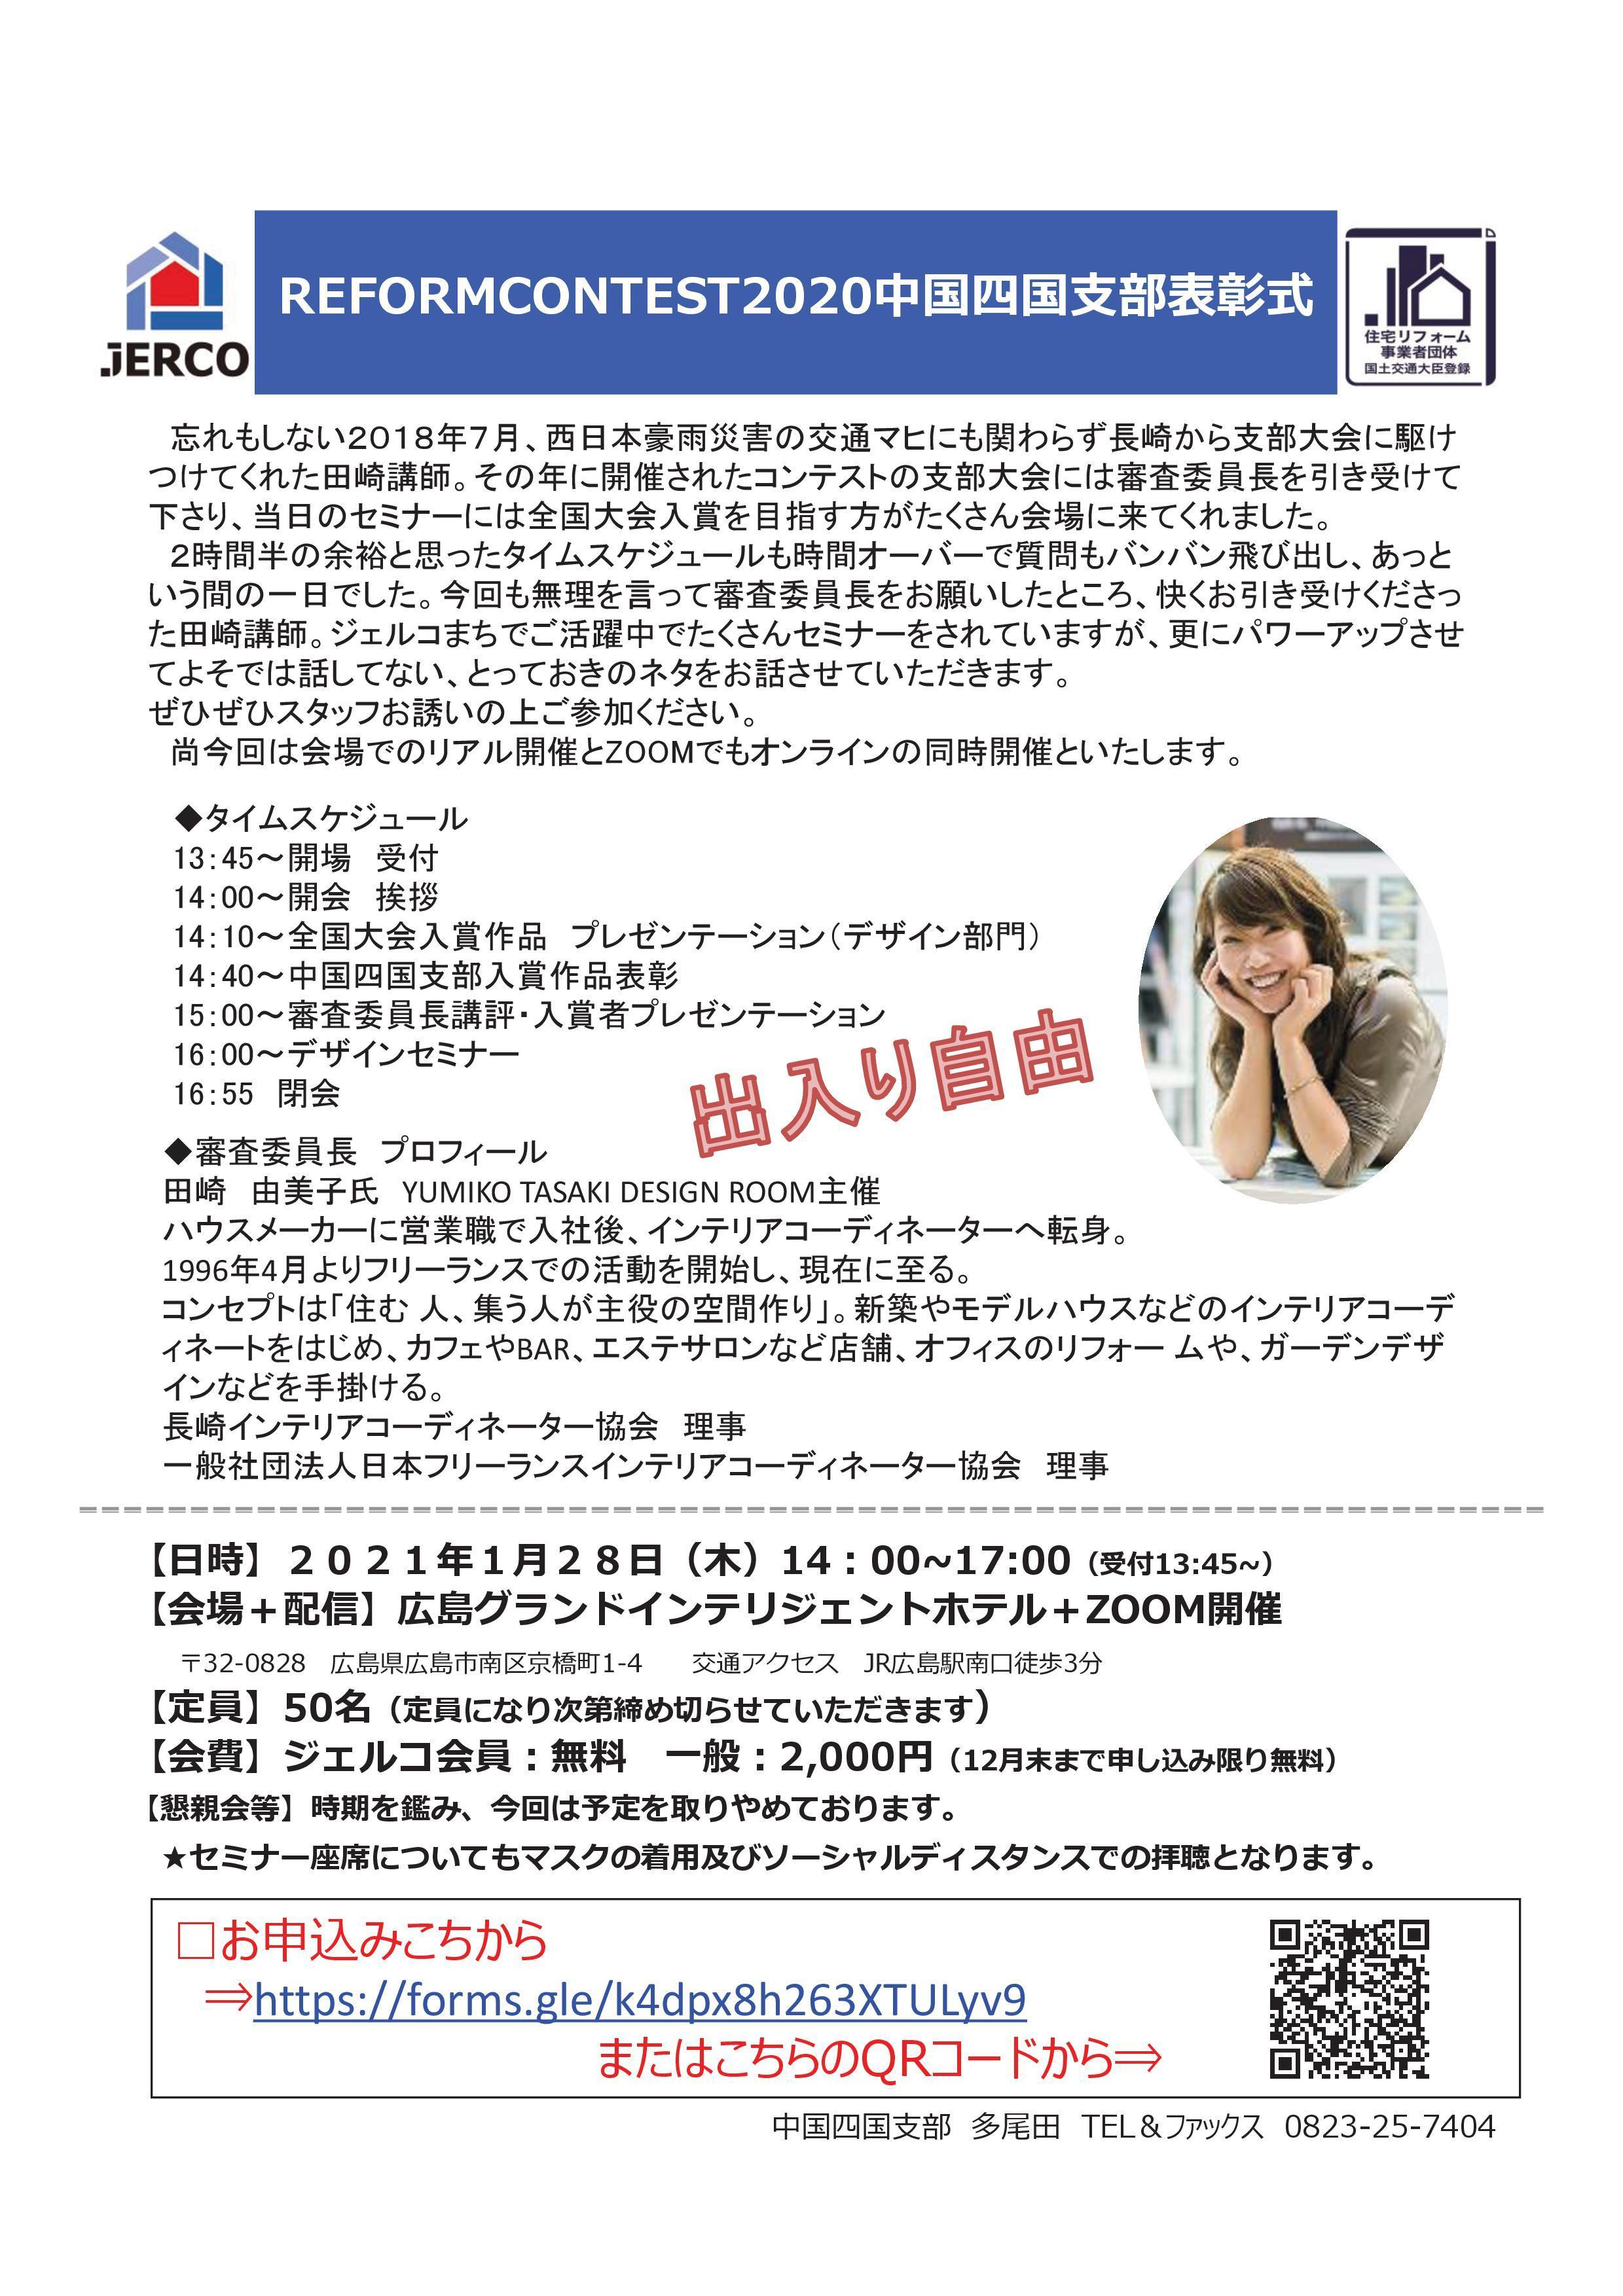 http://www.tanakajuken.com/blog/images/153be1f9c27405f8a3e5328589e31d8ffff193a2.jpg